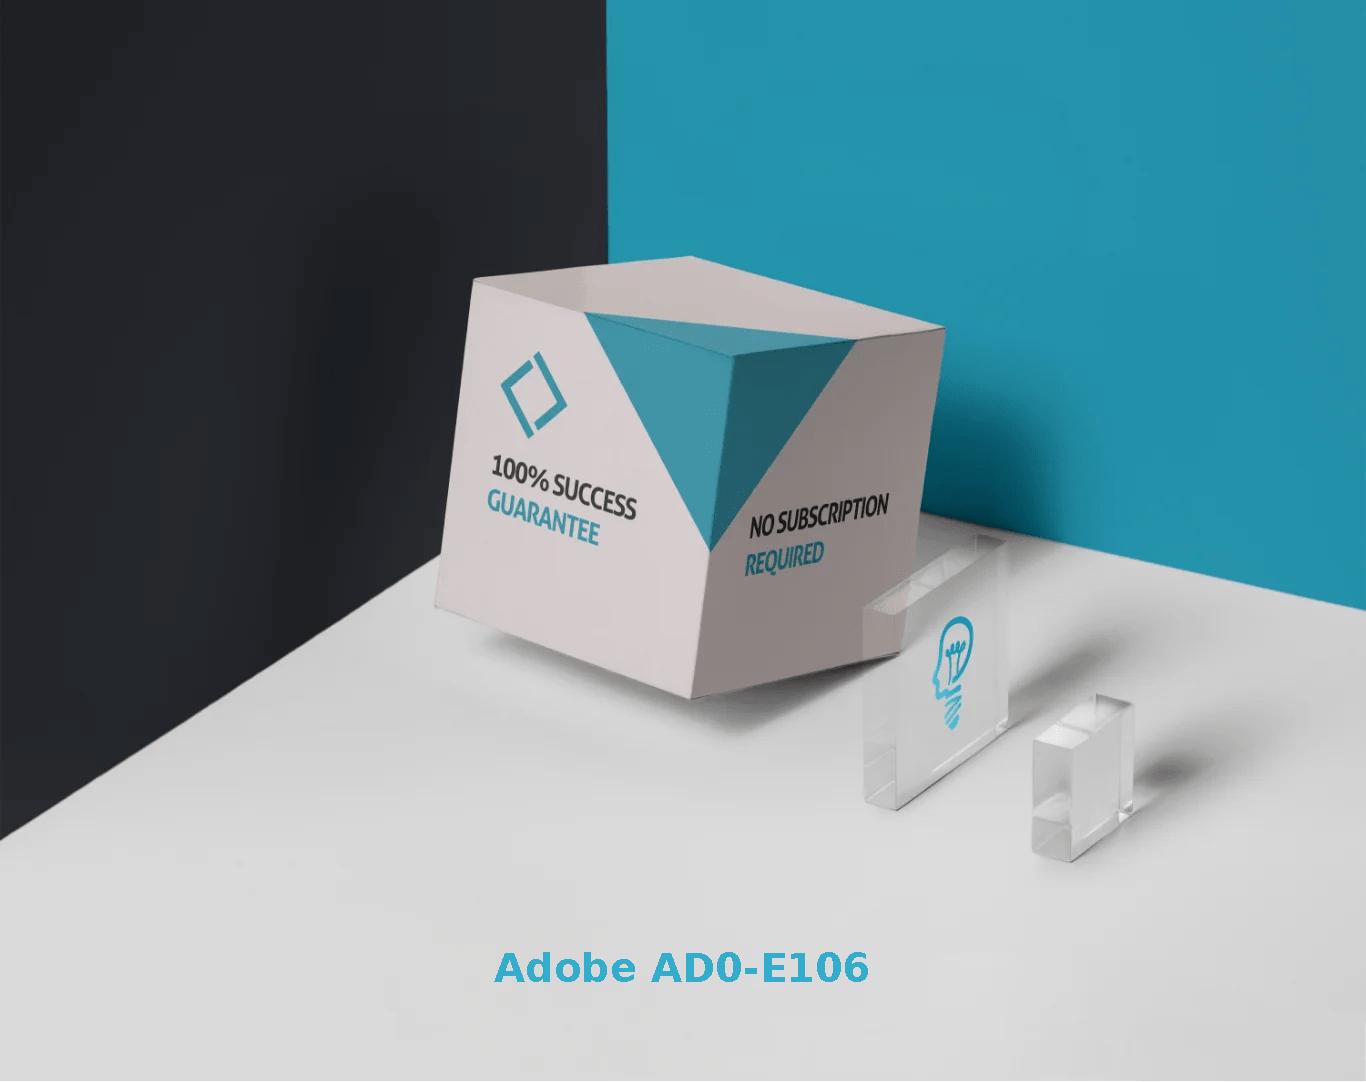 Adobe AD0-E106 Exams